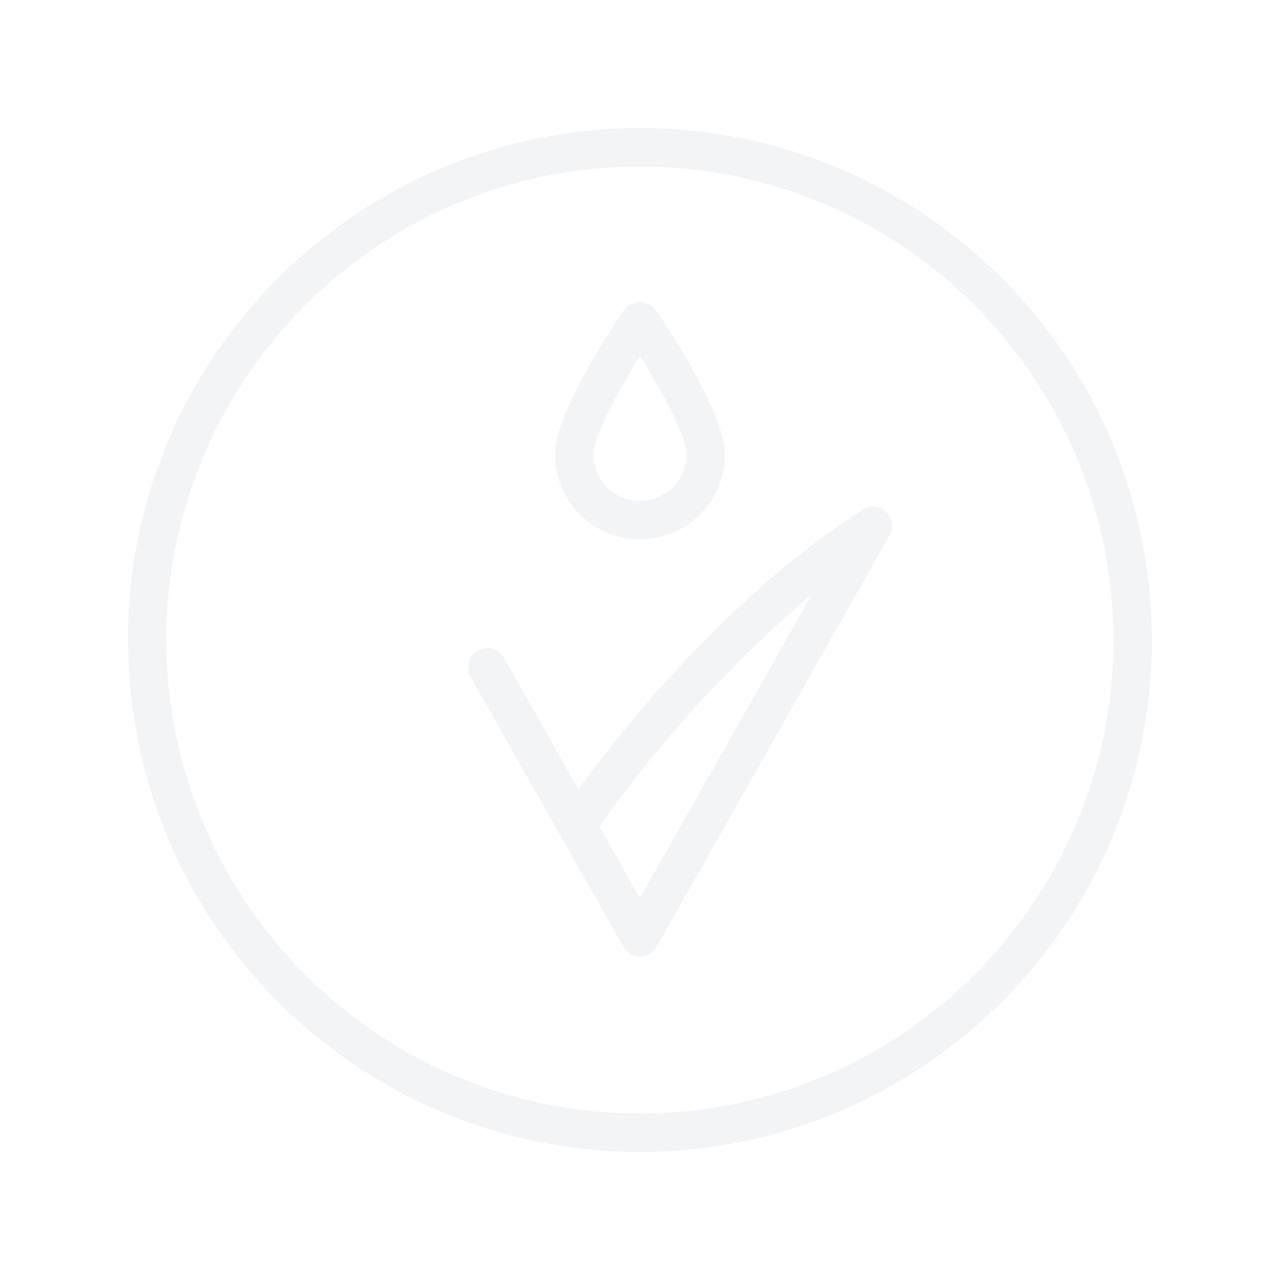 YVES SAINT LAURENT Rouge Volupte Shine Oil-In-Stick 4.5g